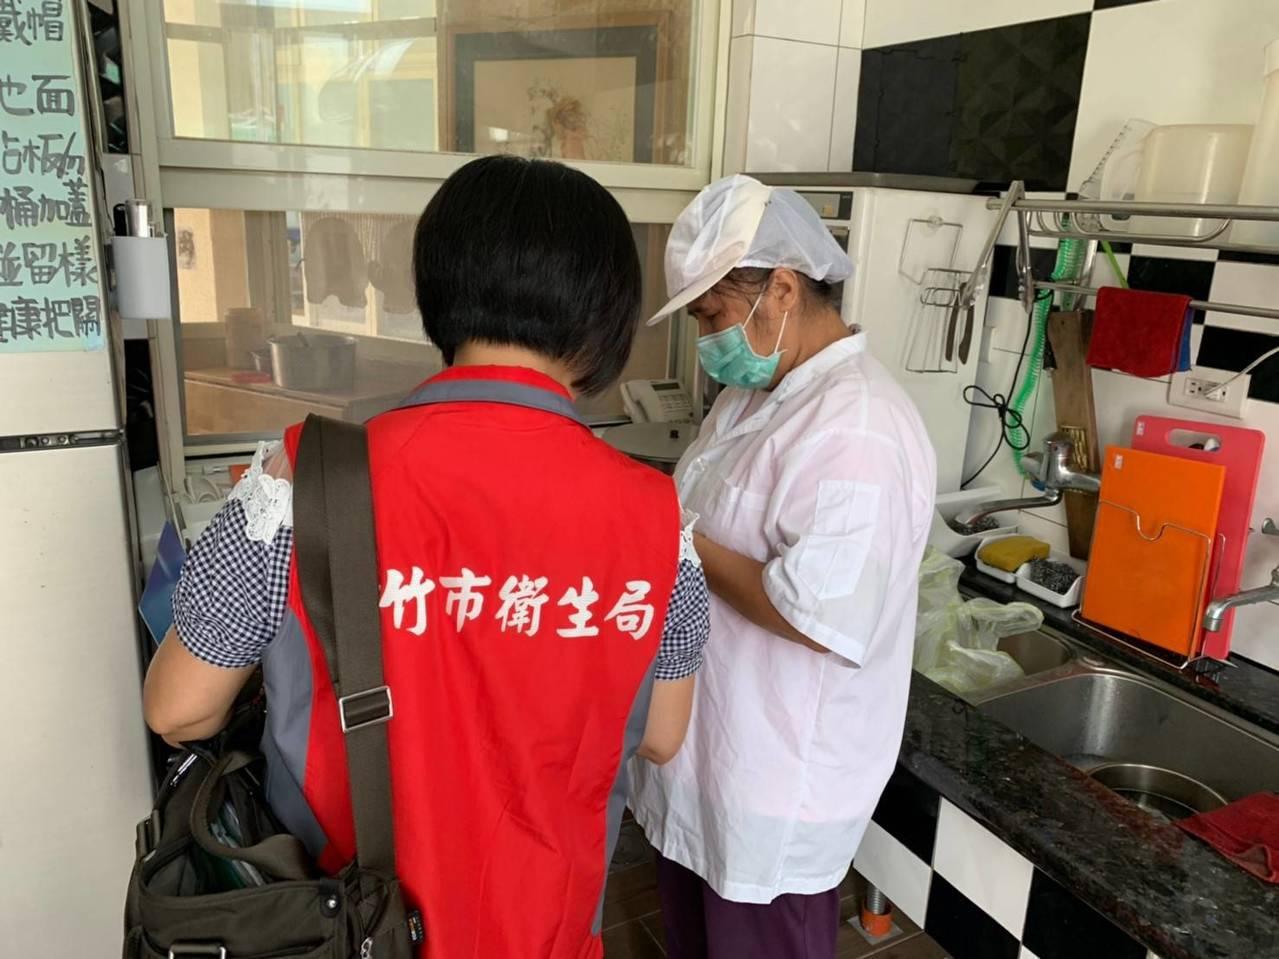 新竹市府衛生局昨天與教育處聯合稽查,仍發現有逾期食品,因此對業者開罰新台幣12萬...